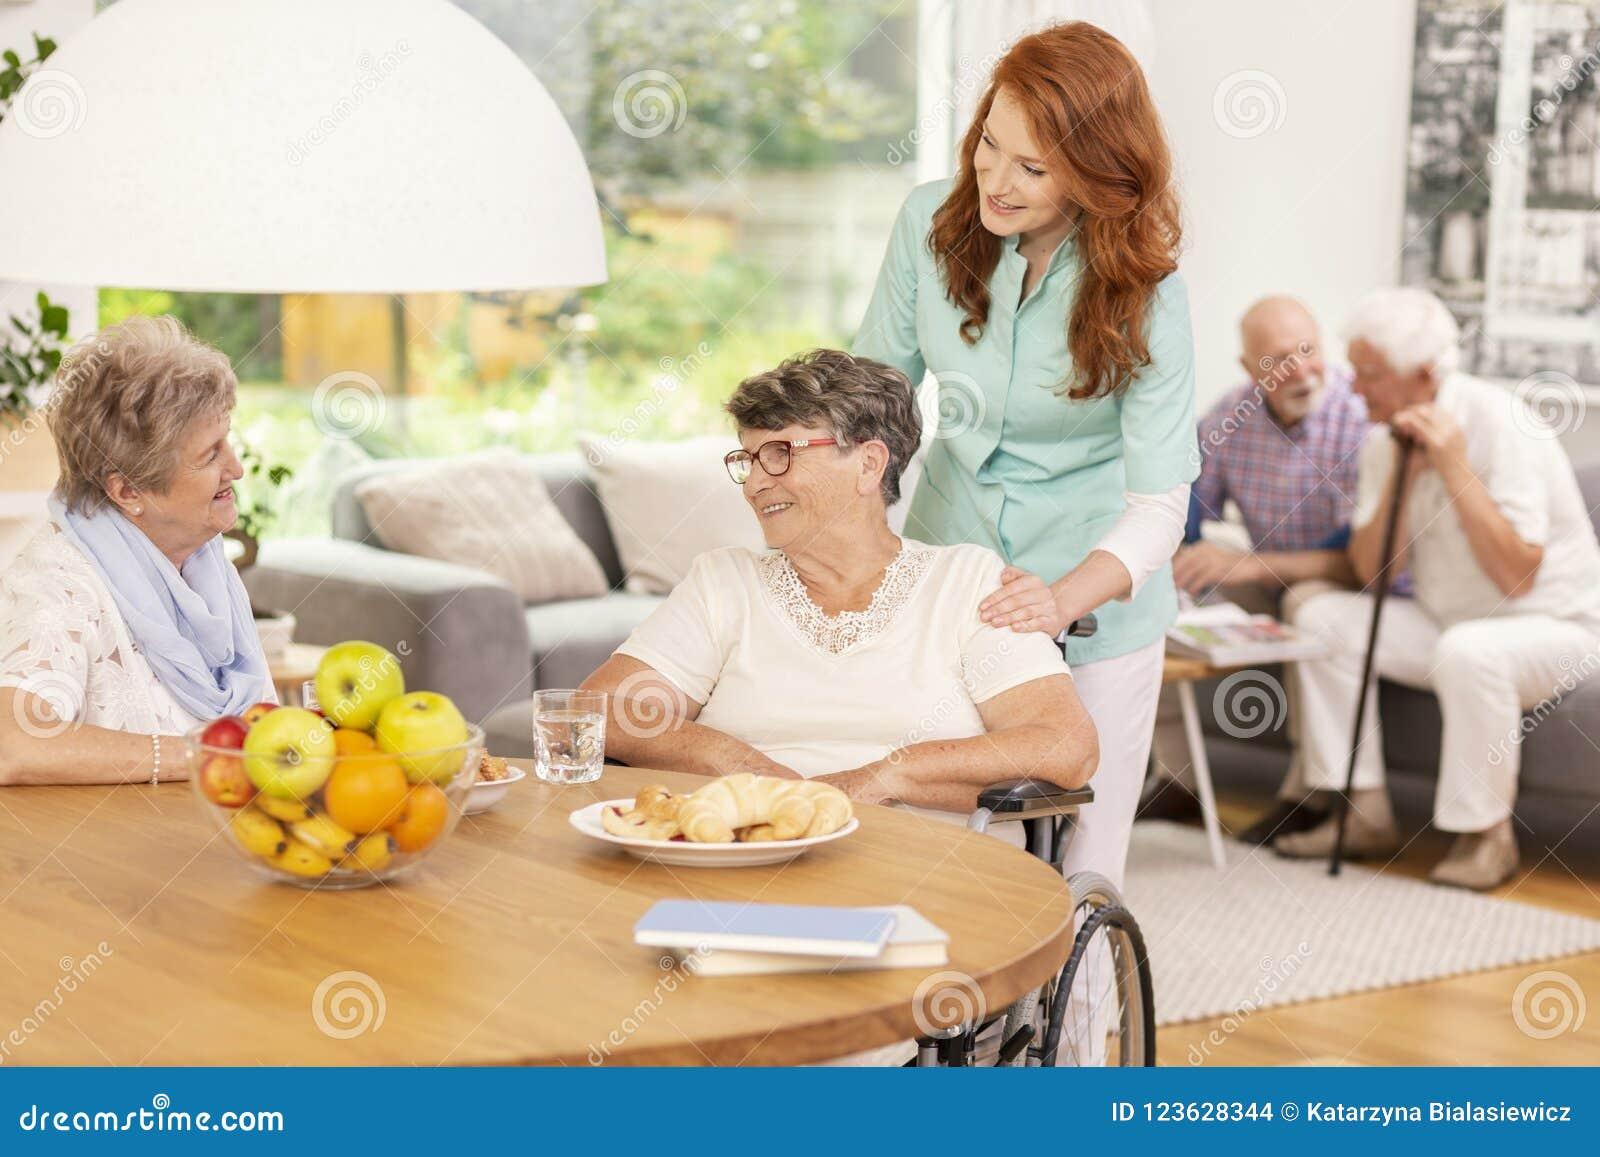 Vriendschappelijke verpleegster ondersteunend gehandicapte zieke vrouw in een rolstoel du